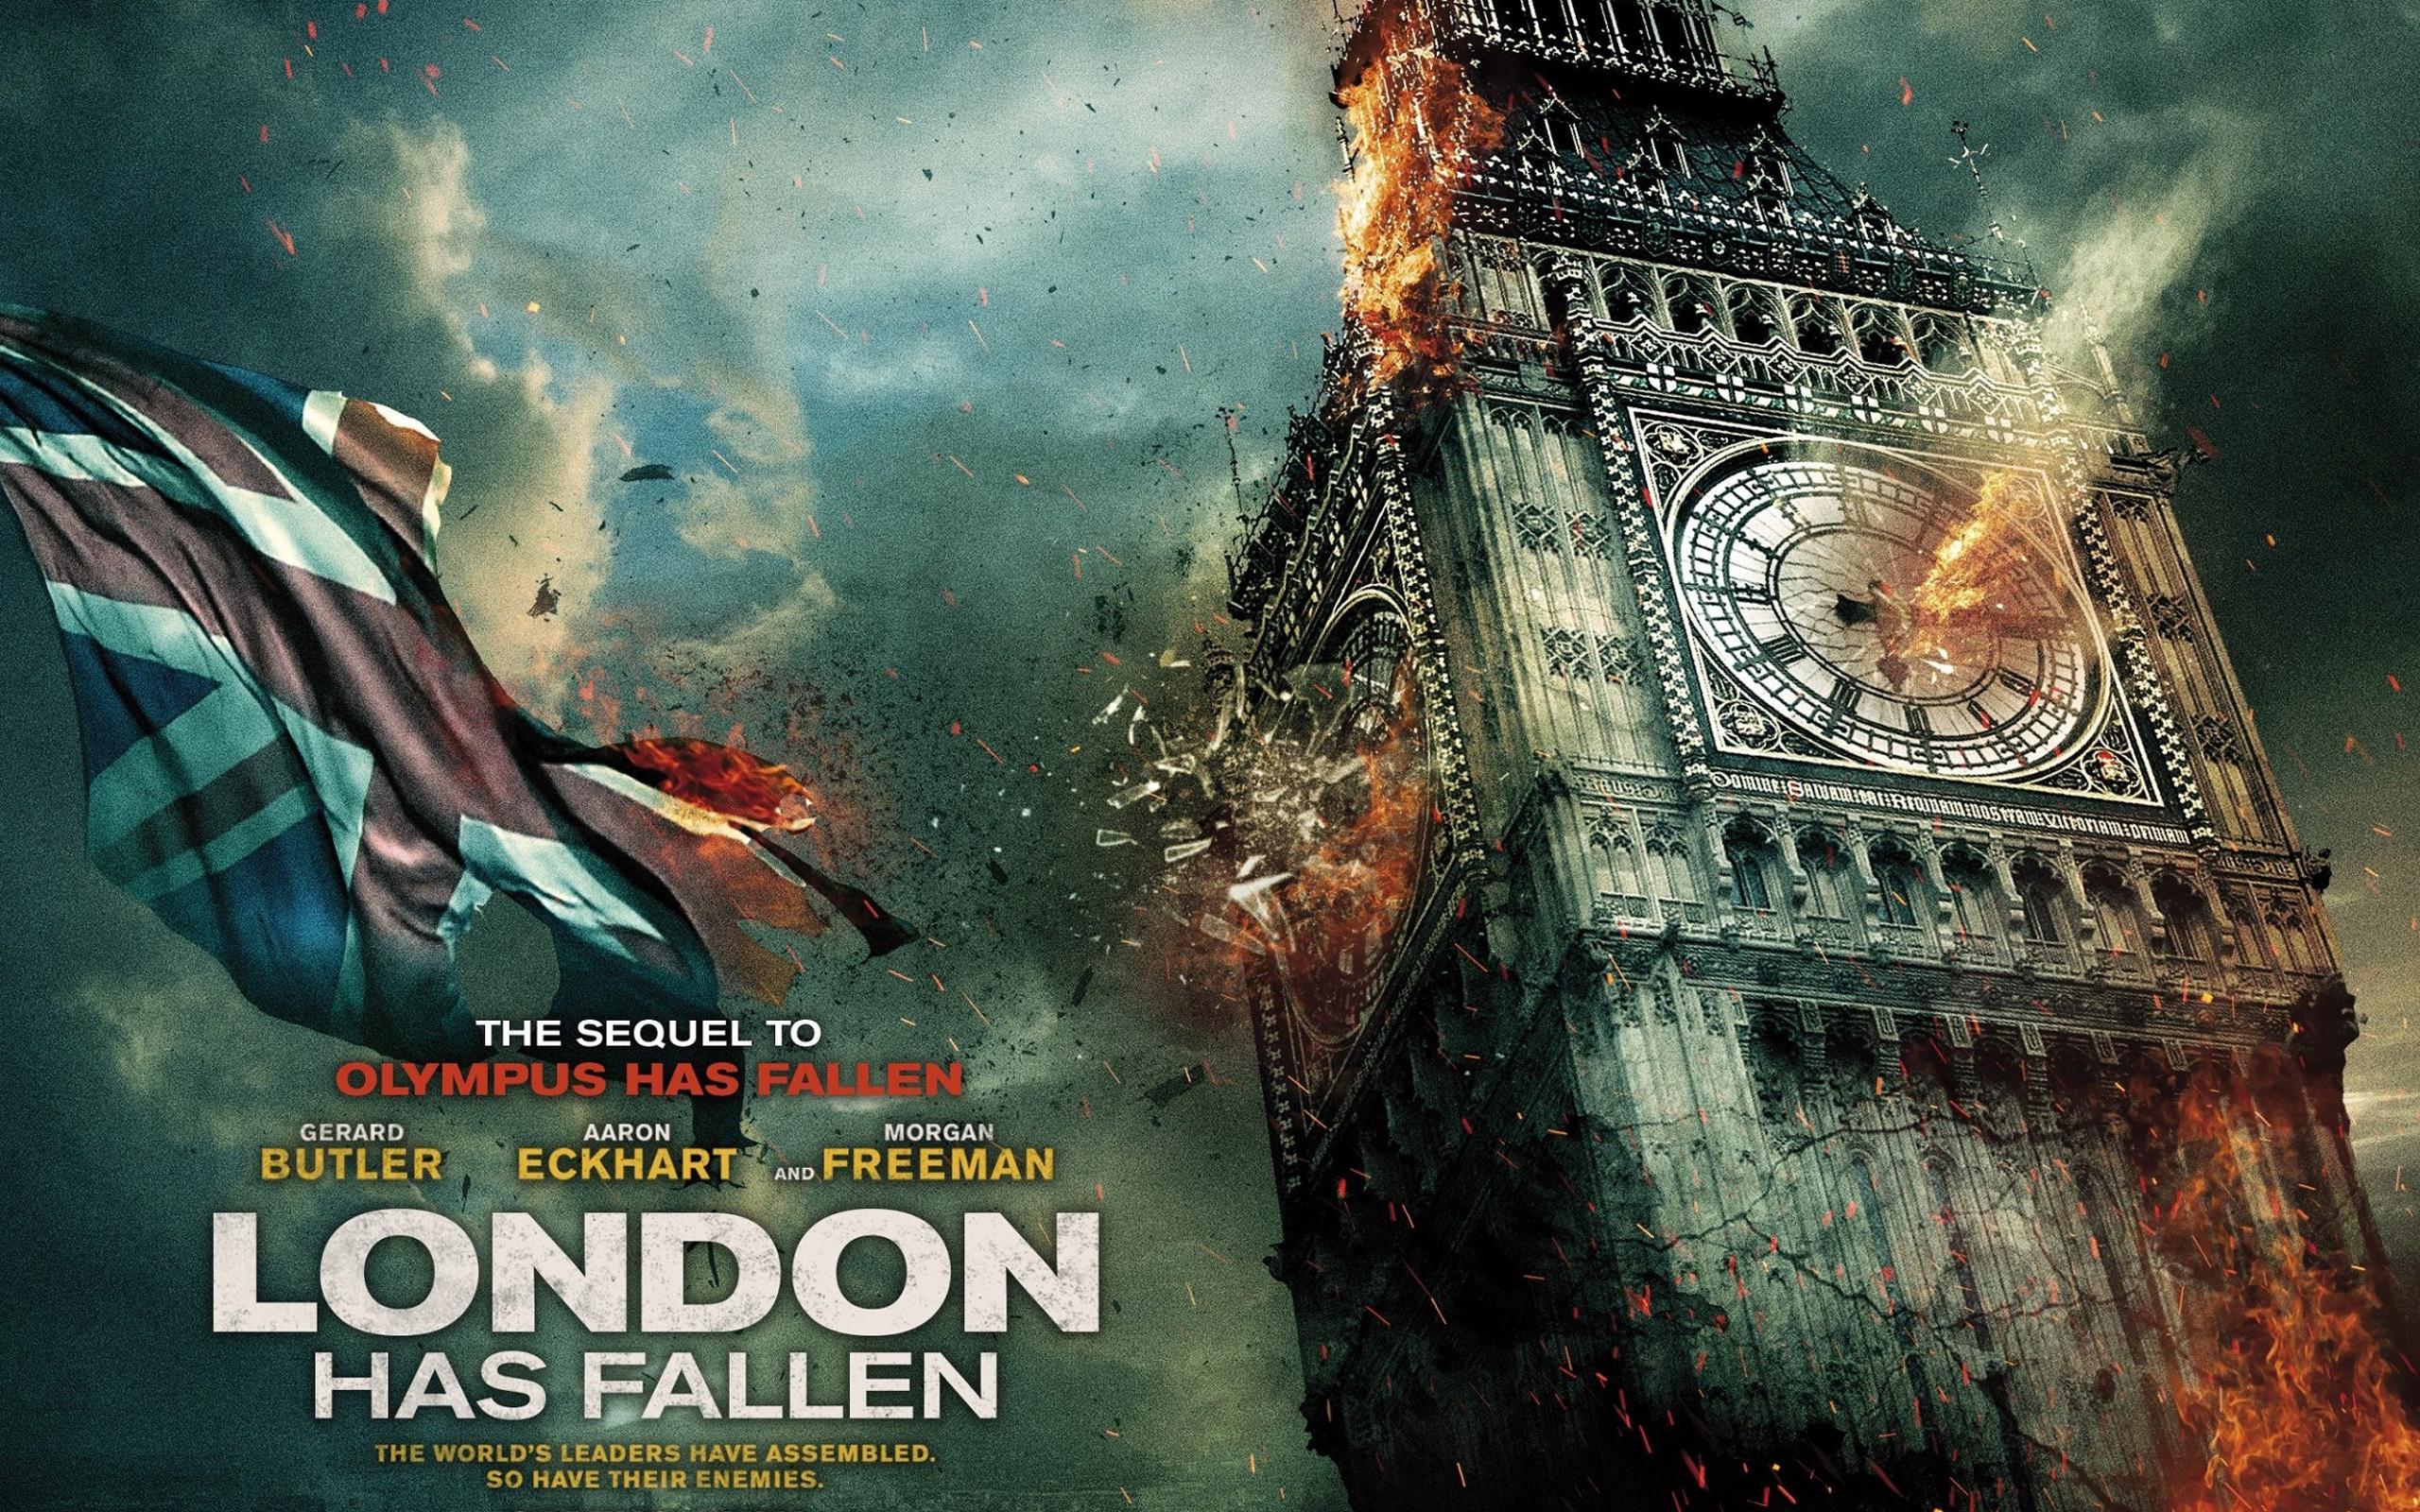 London Has Fallen 2015 Movie HD Wallpaper 4926 2560x1600